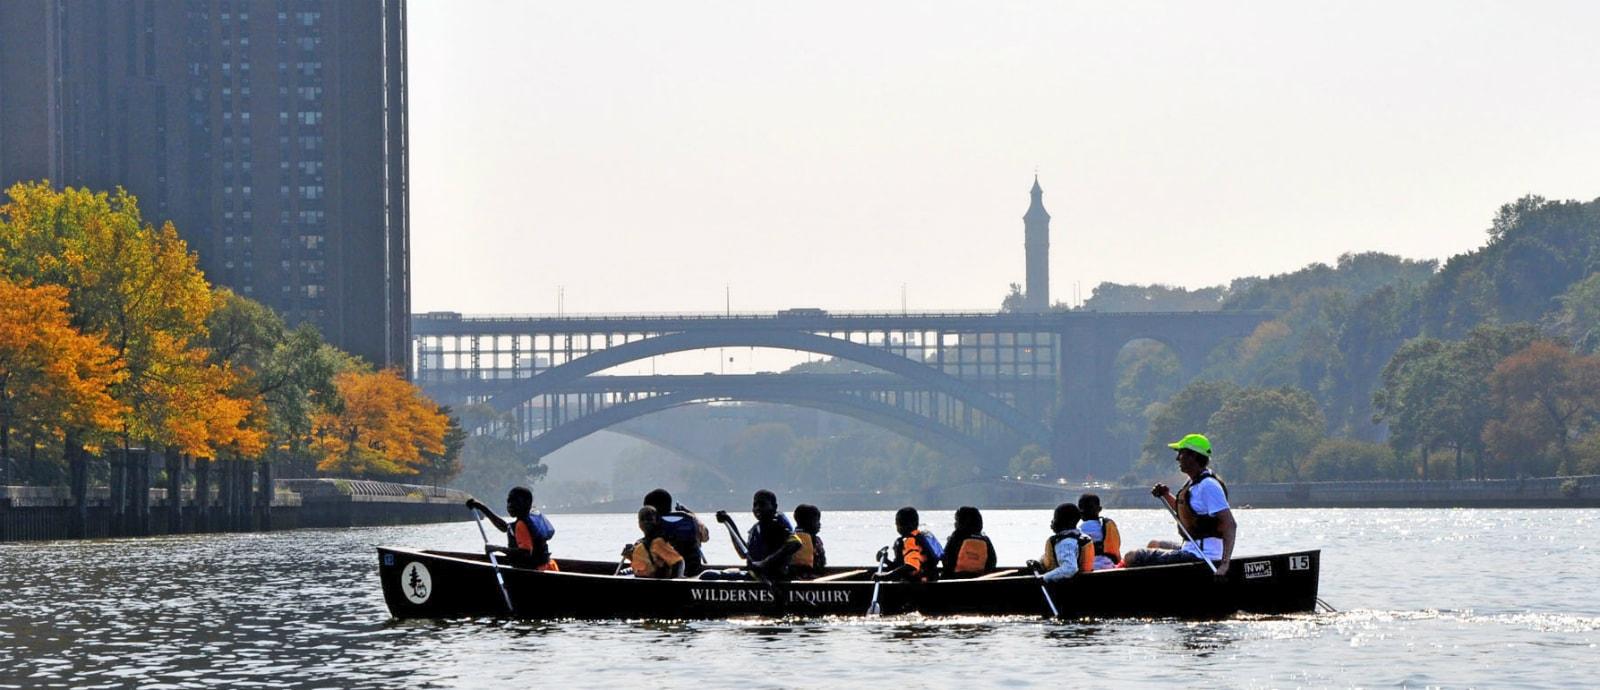 canoemobile-new-york-slider